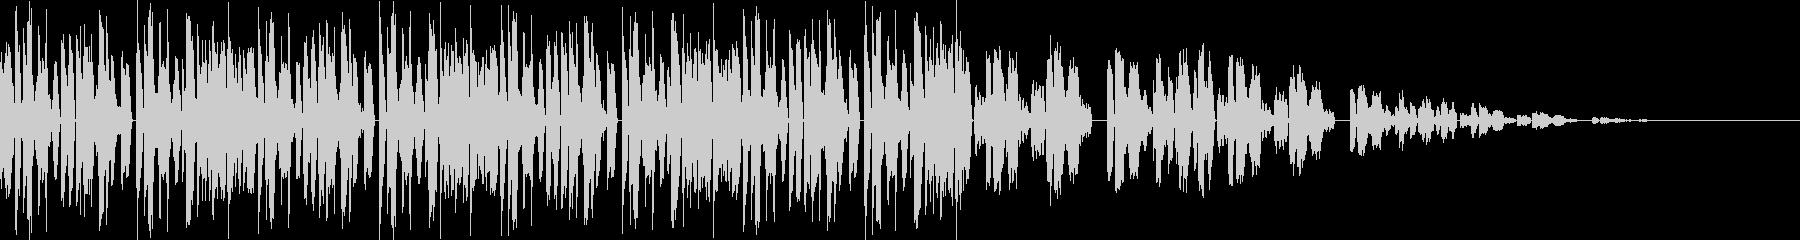 エレクトロのBGMの未再生の波形